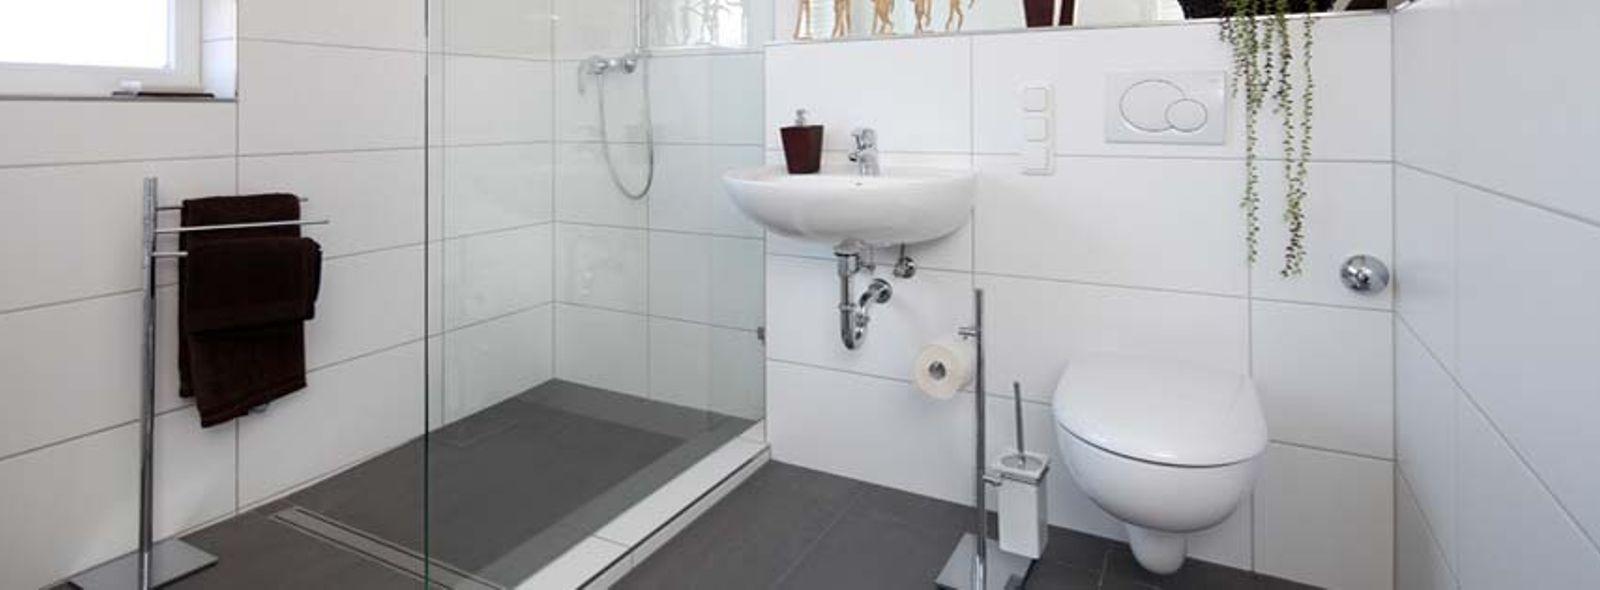 Trasformare una vasca in doccia